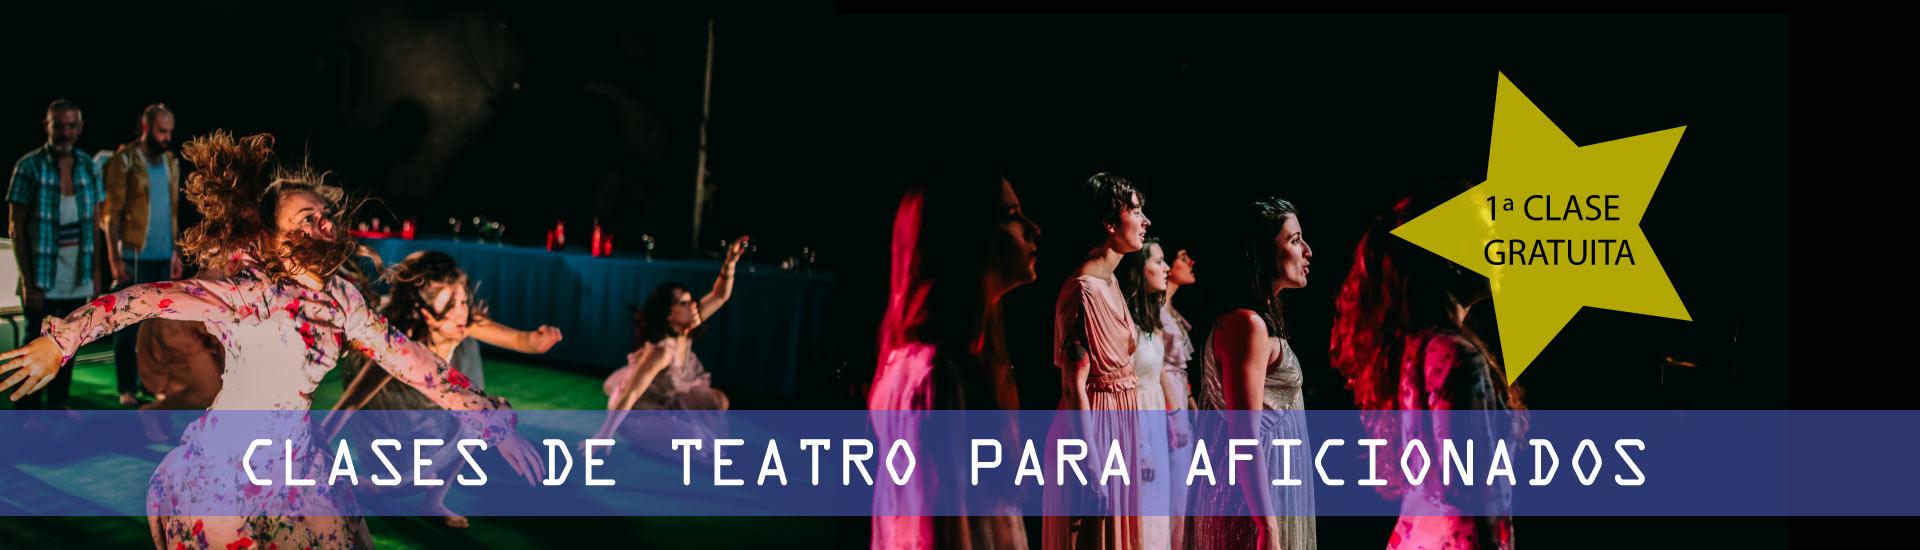 slide_-Teatro-para-aficionados